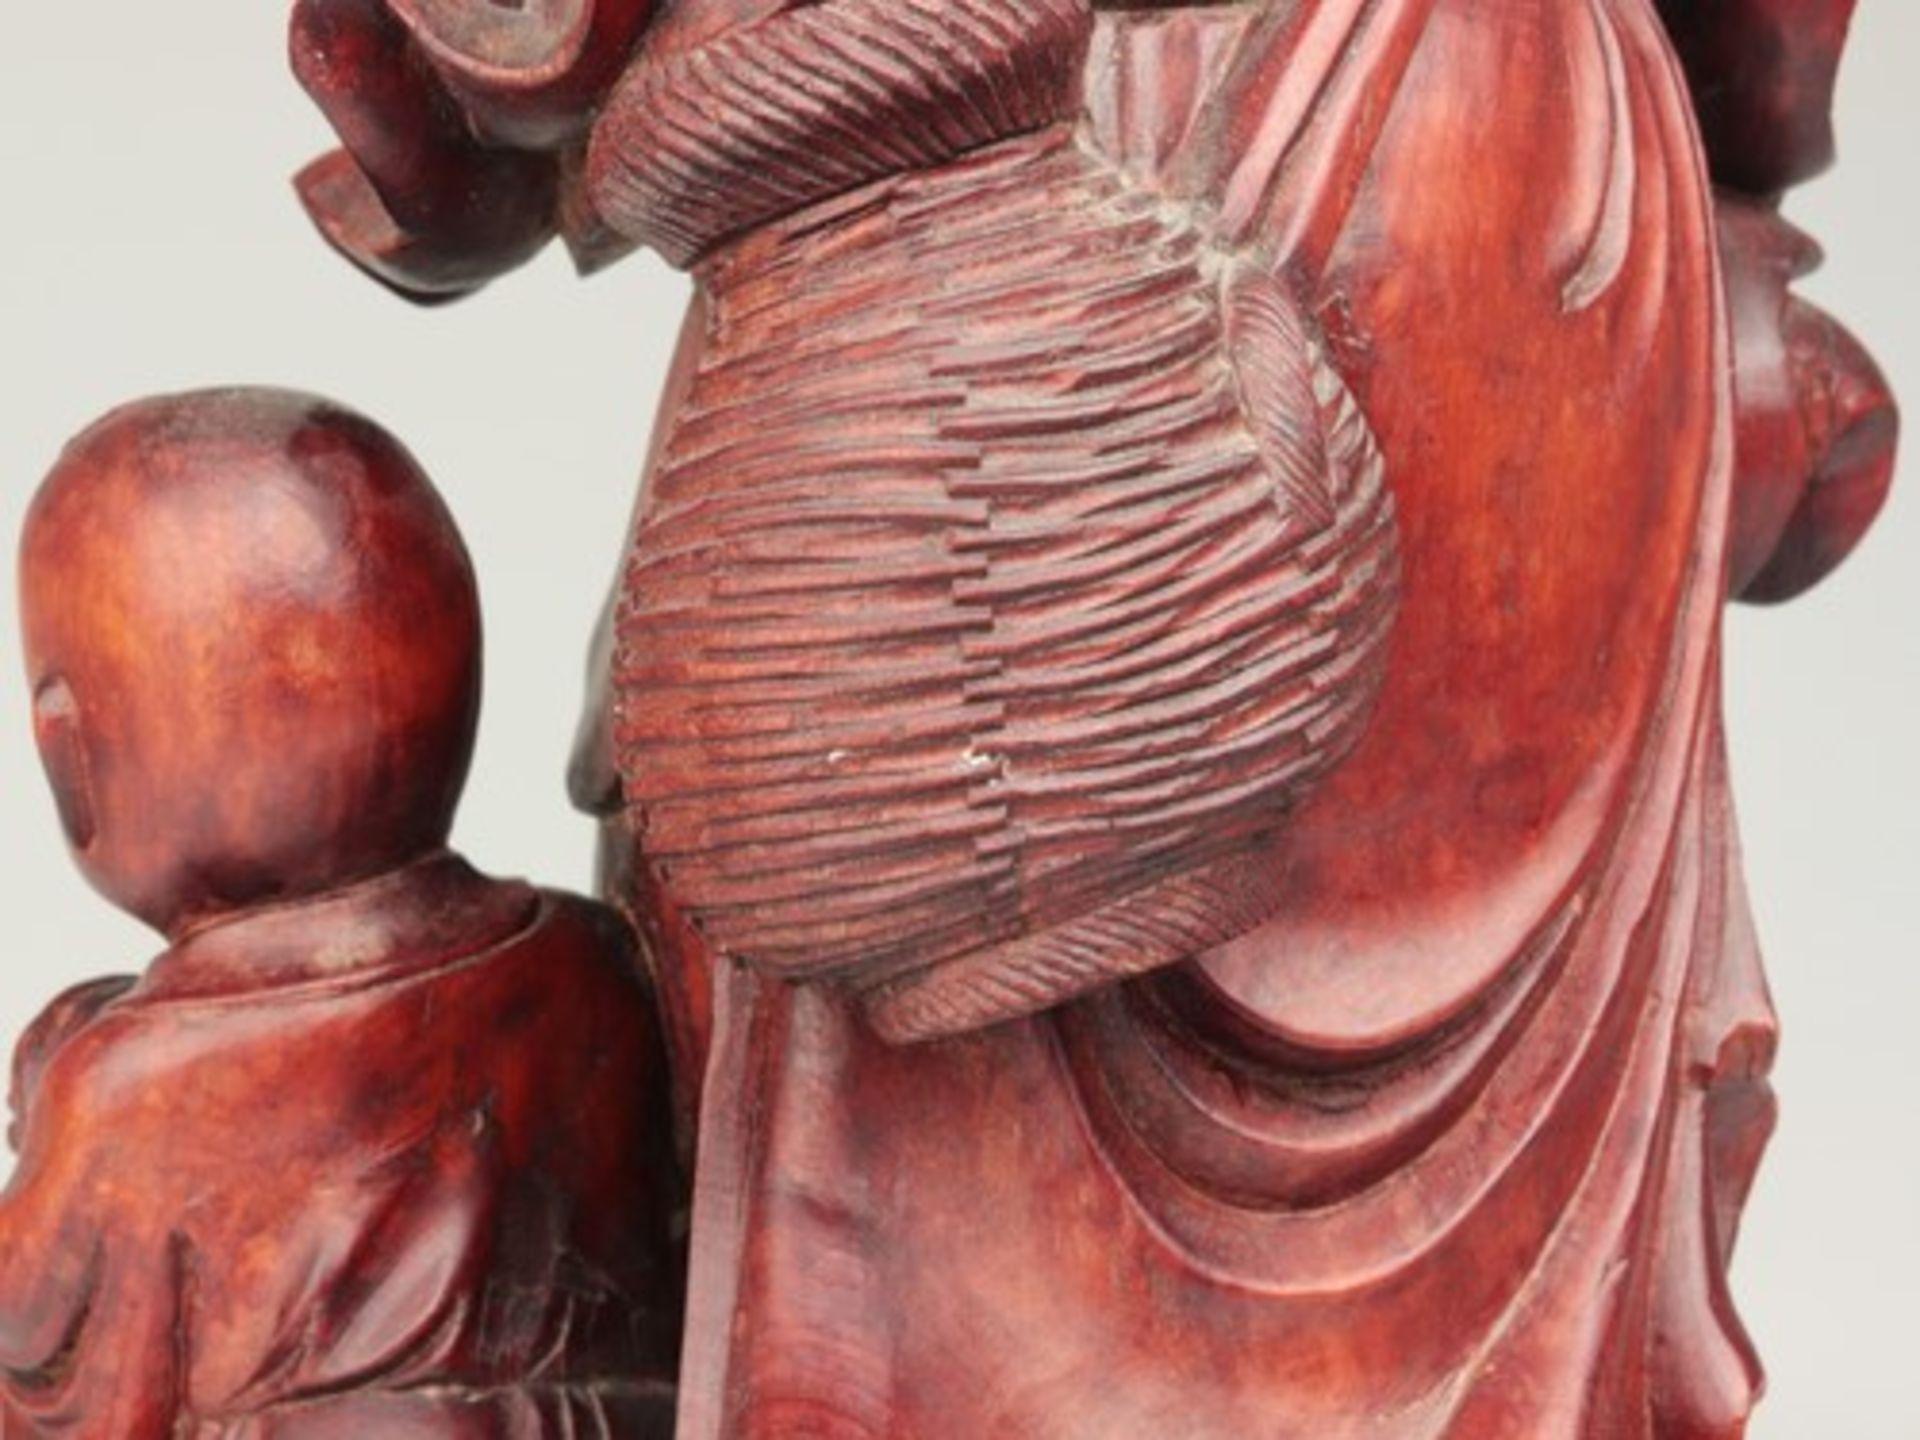 Holzfigur - China20.Jh., vollplastische Holzschnitzerei, Hartholz, Glasaugen, Fischer m. zwei - Bild 6 aus 8